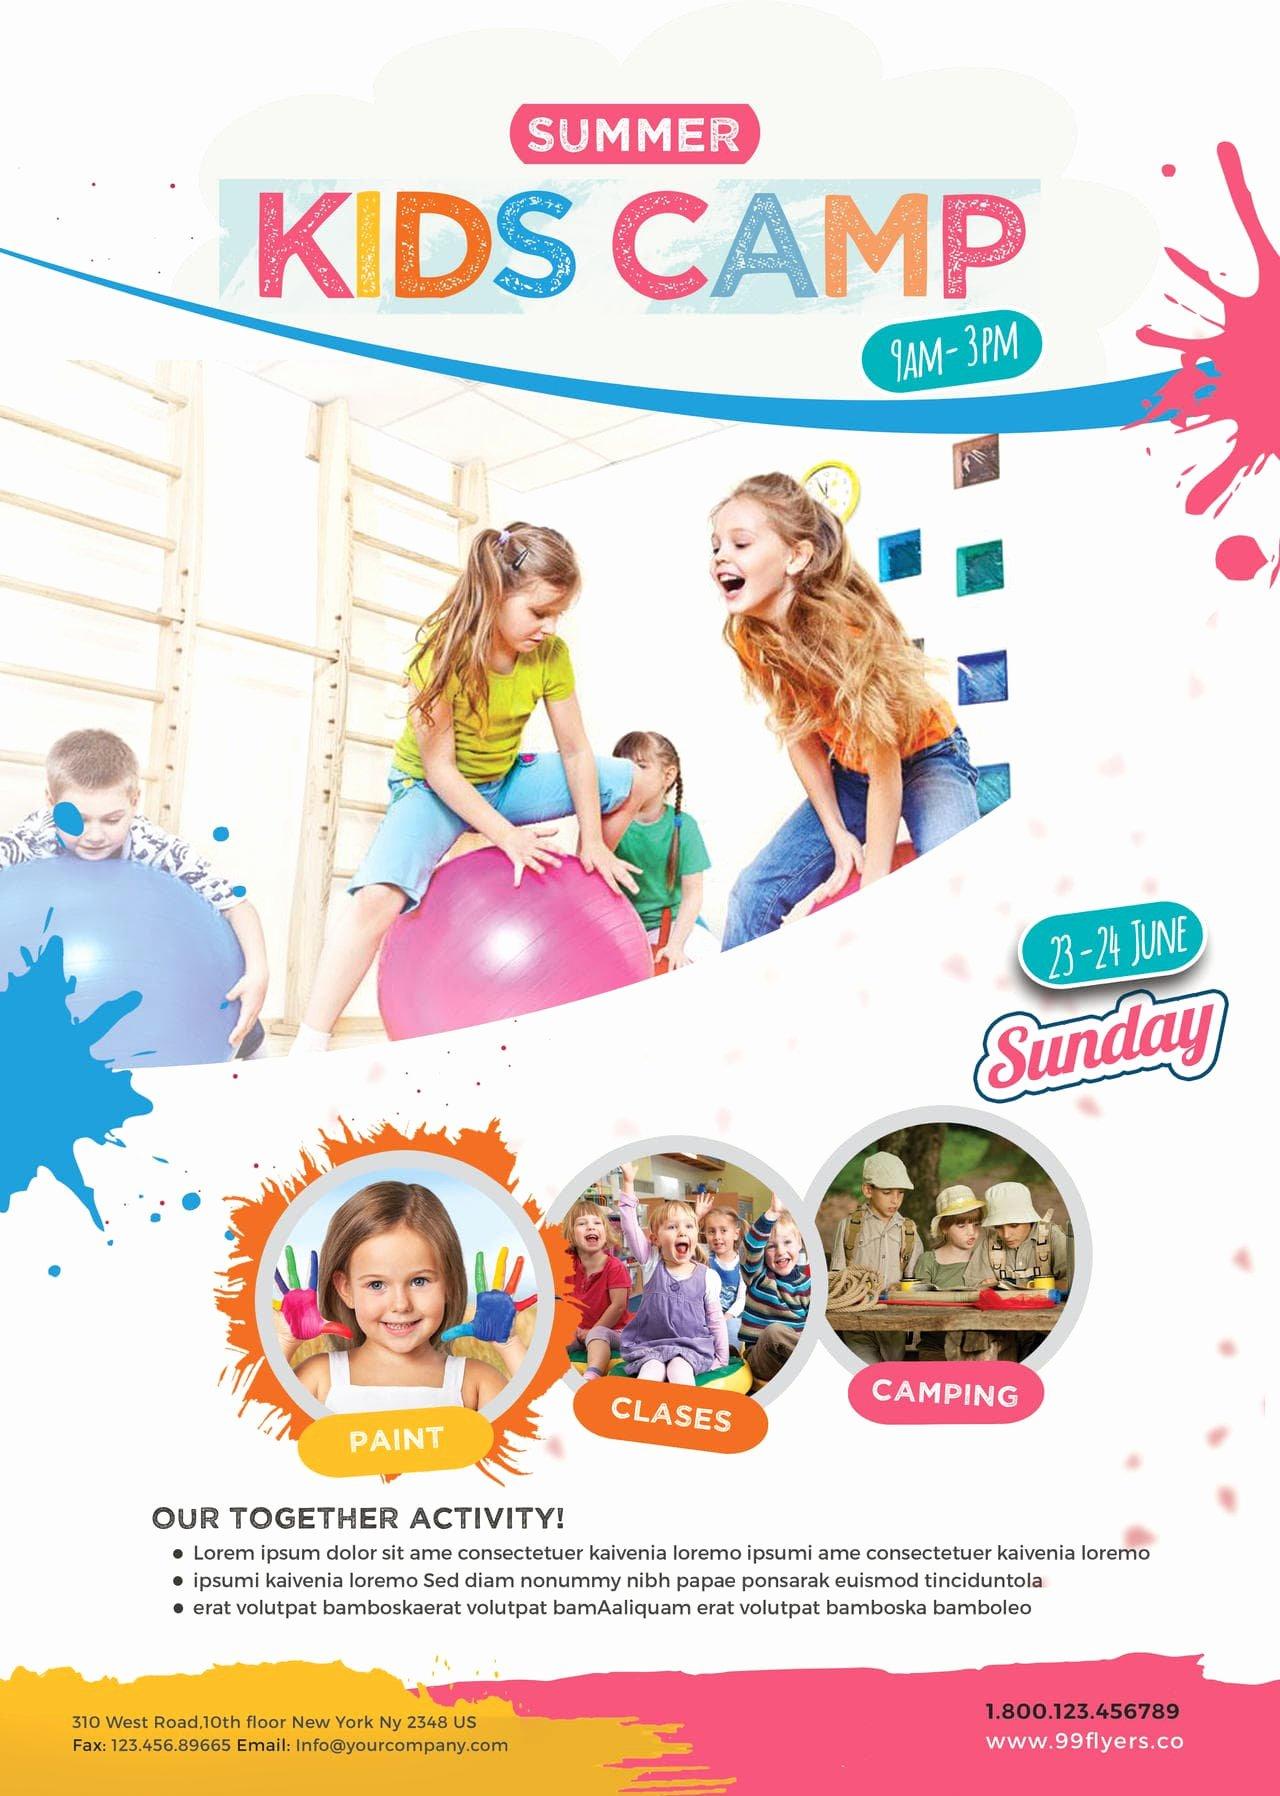 Free Summer Camp Flyer Template Fresh Kids Summer Camp Free Psd Flyer Template Free Psd Flyer Templates Brochures Mockup & More